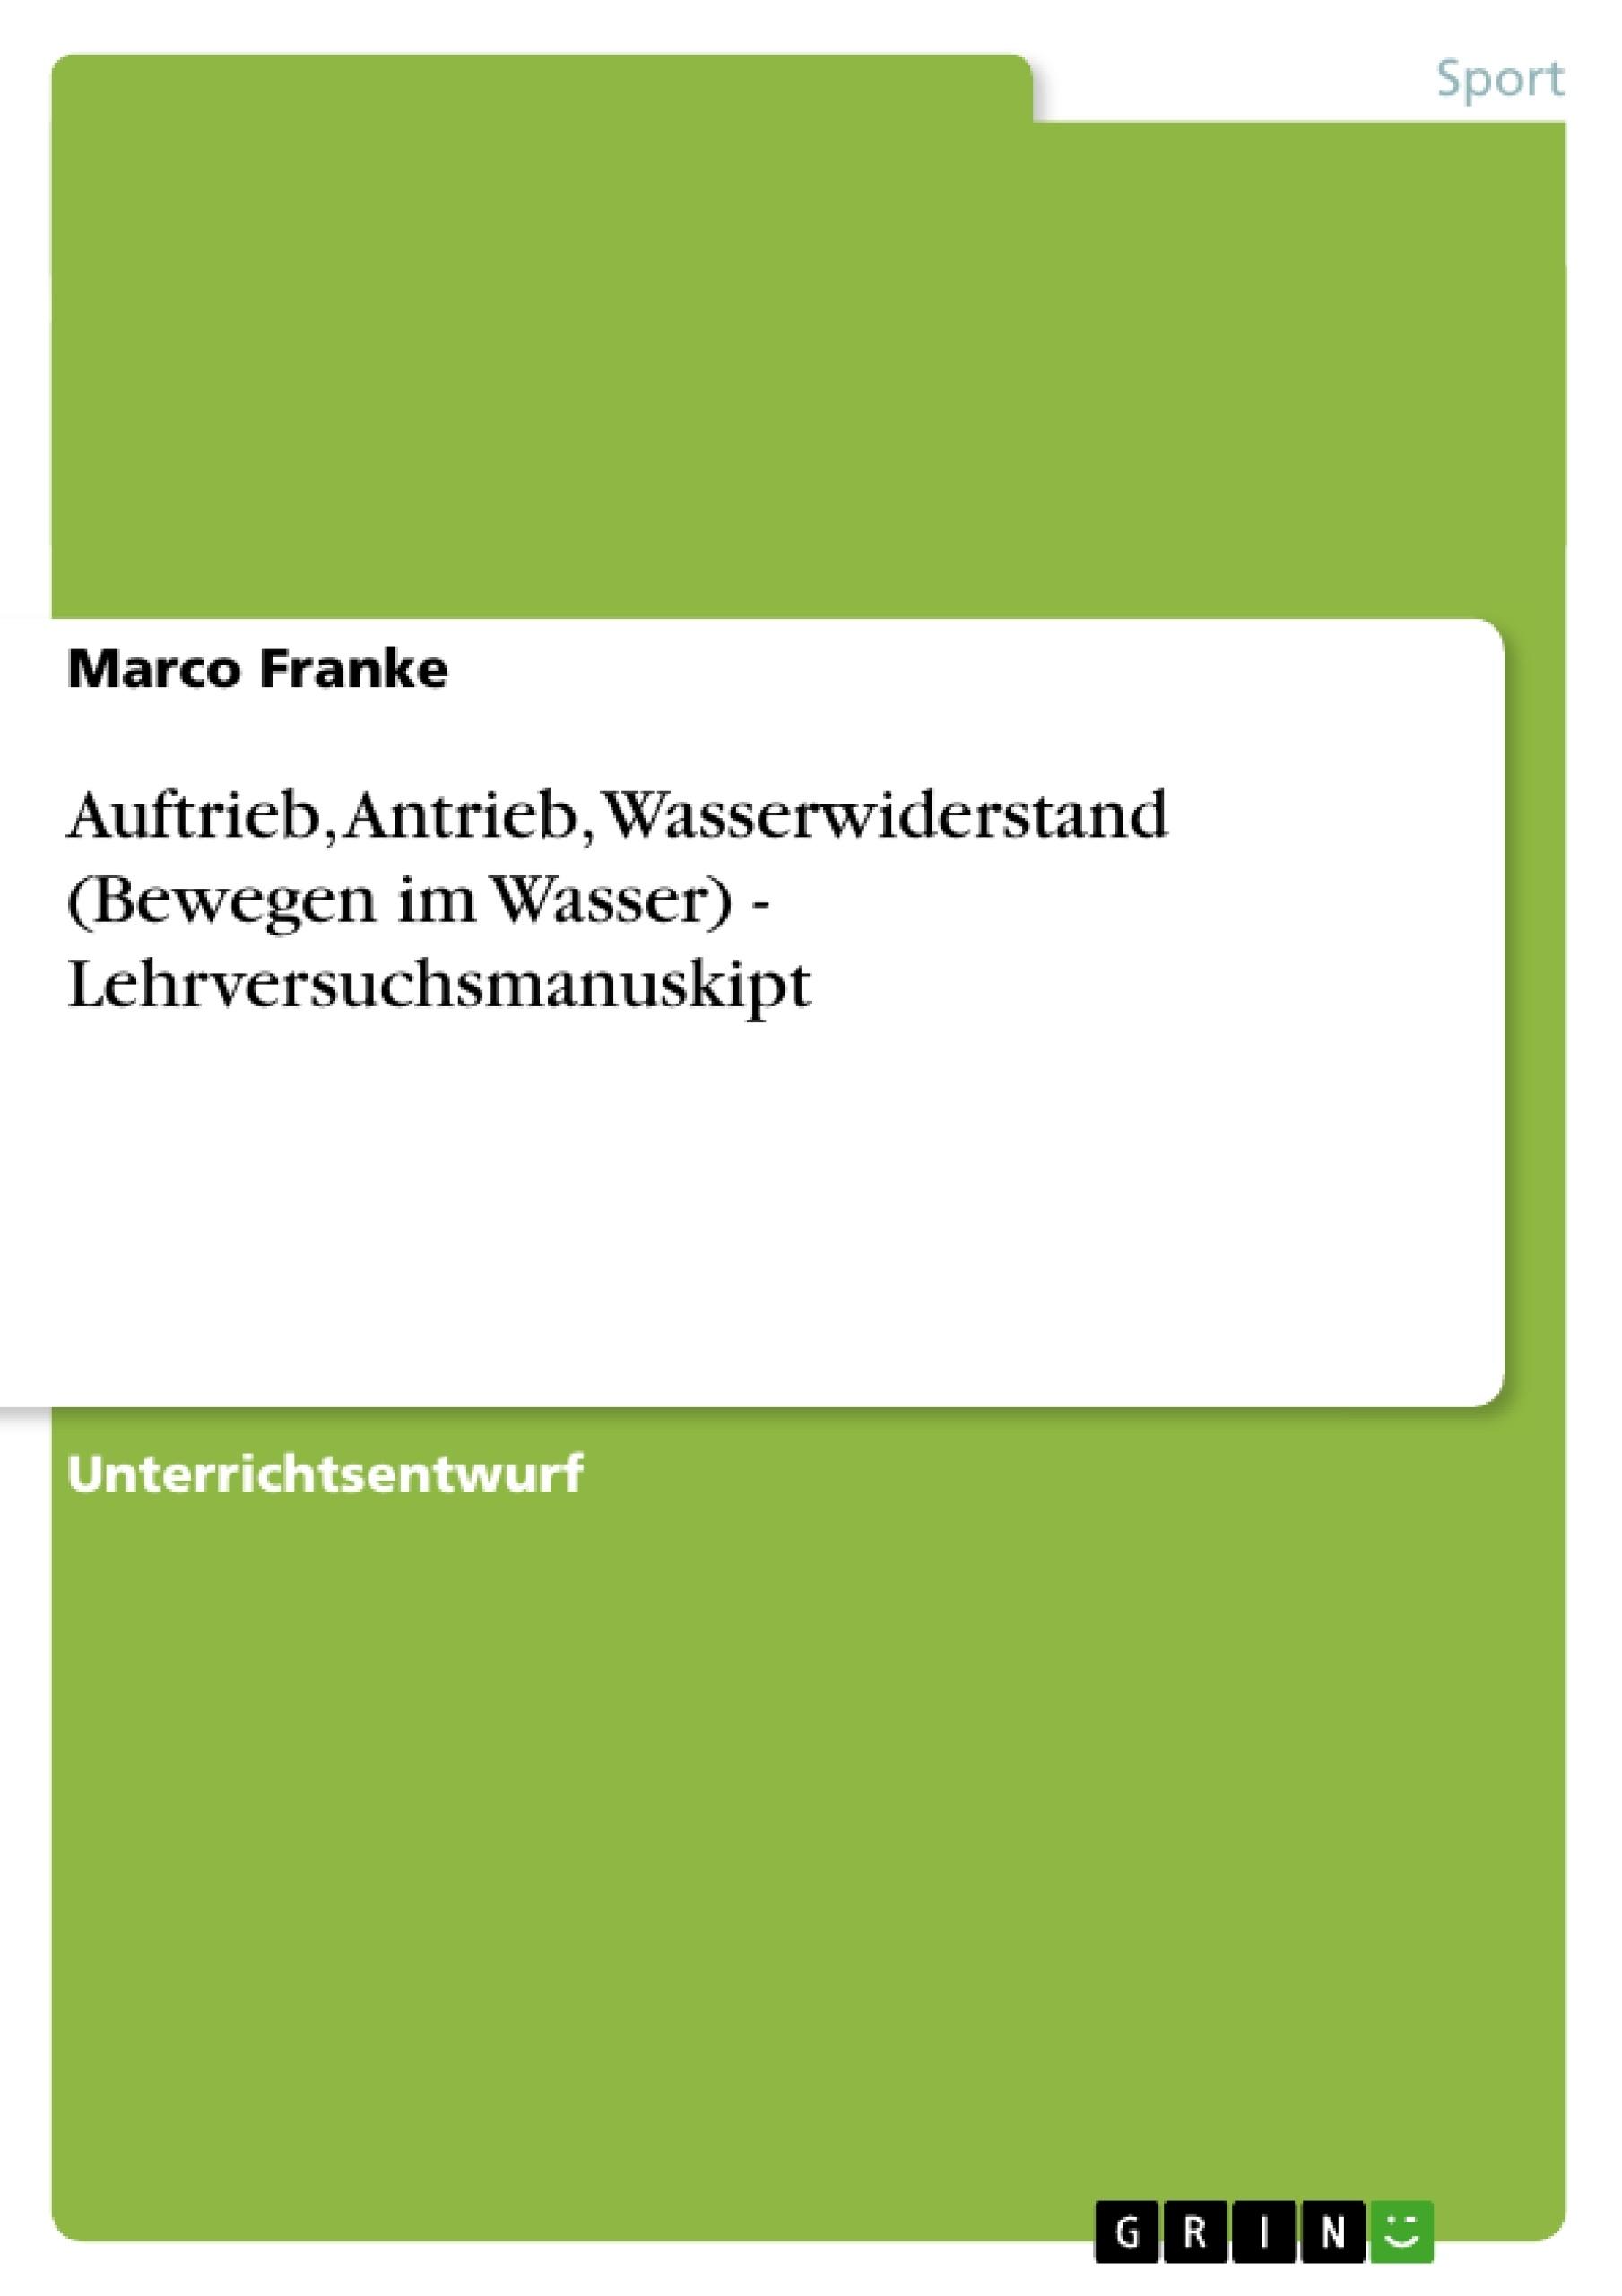 Titel: Auftrieb, Antrieb, Wasserwiderstand (Bewegen im Wasser) - Lehrversuchsmanuskipt